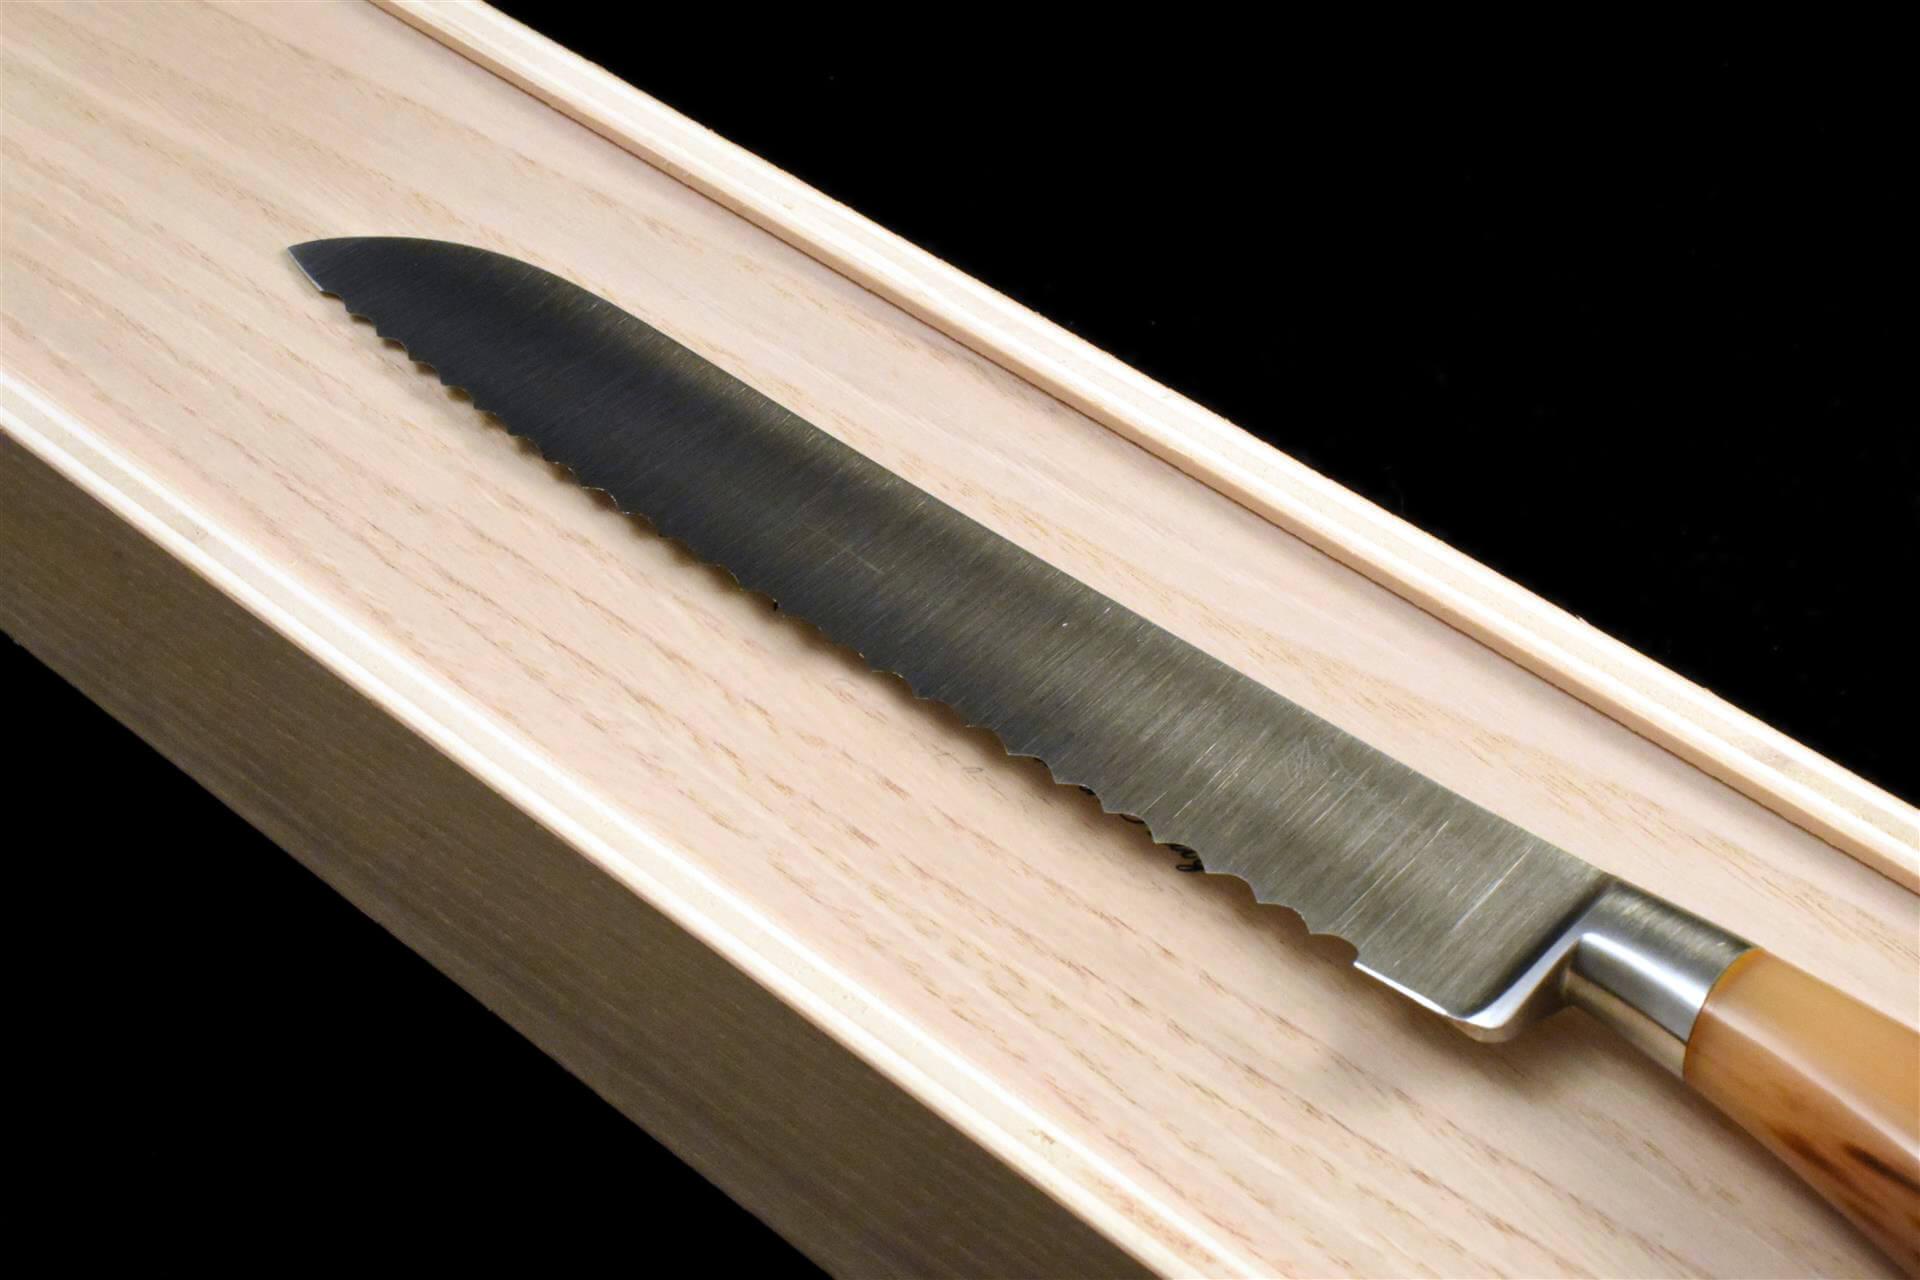 couteau en acier forgé de l'artisanat italien. ce couteau à pain a